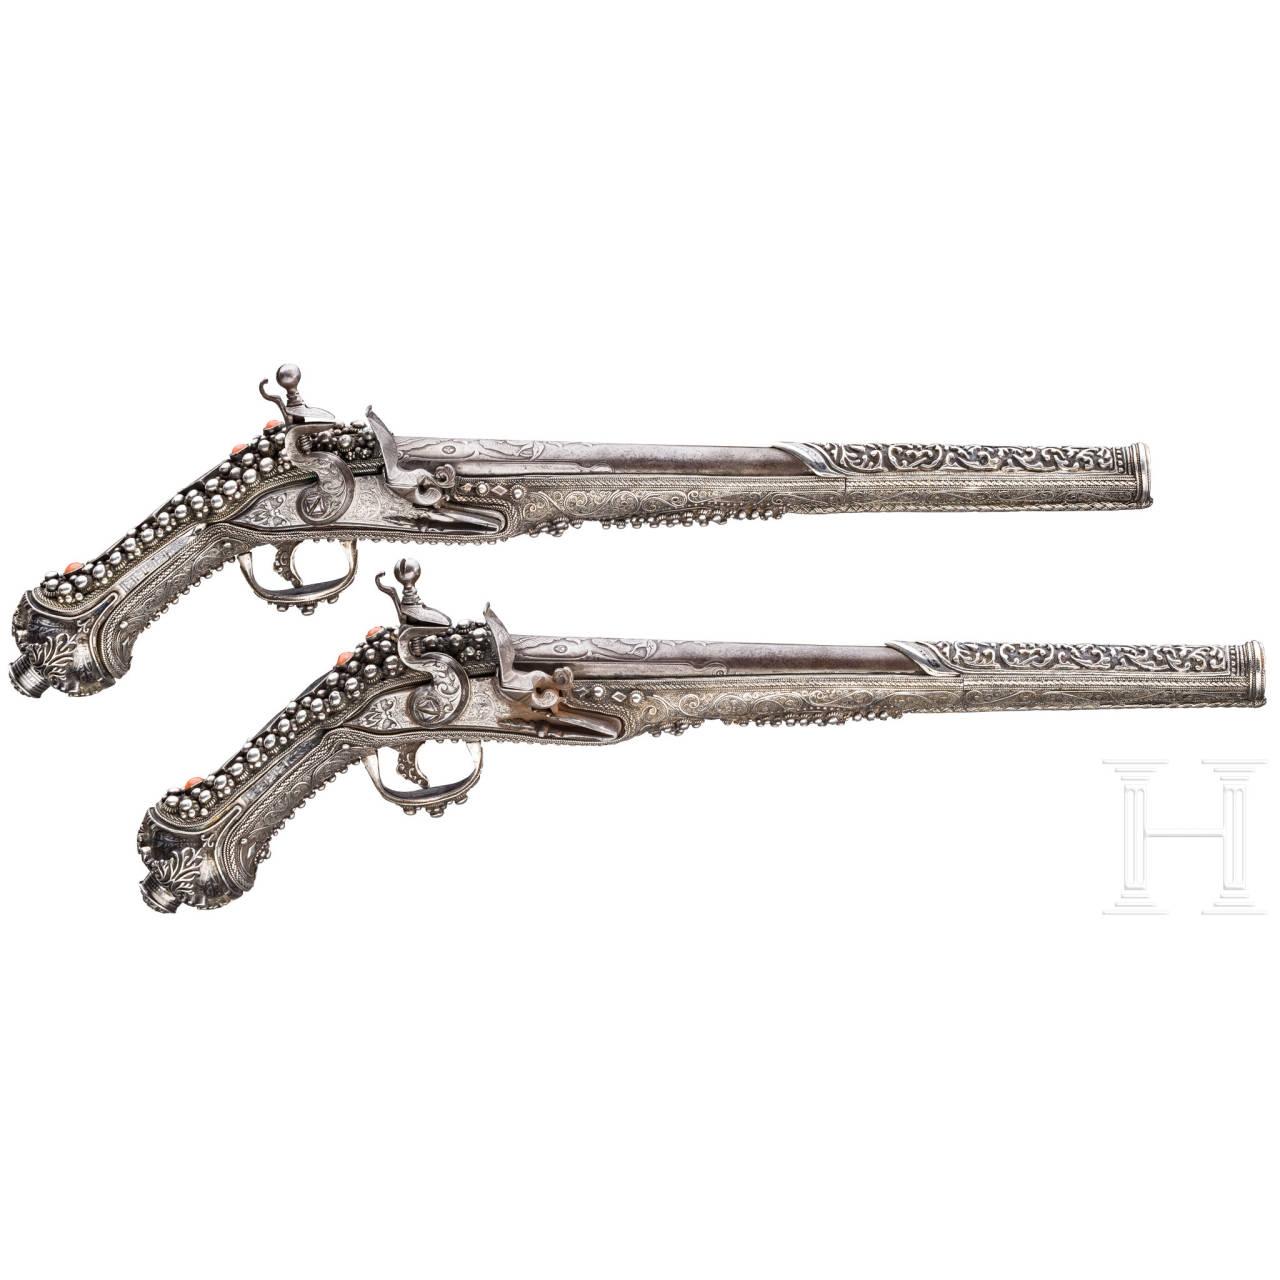 Ein Paar geschnittene und silbermontierte Prunk-Steinschlosspistolen, balkantürkisch, 19. Jhdt.